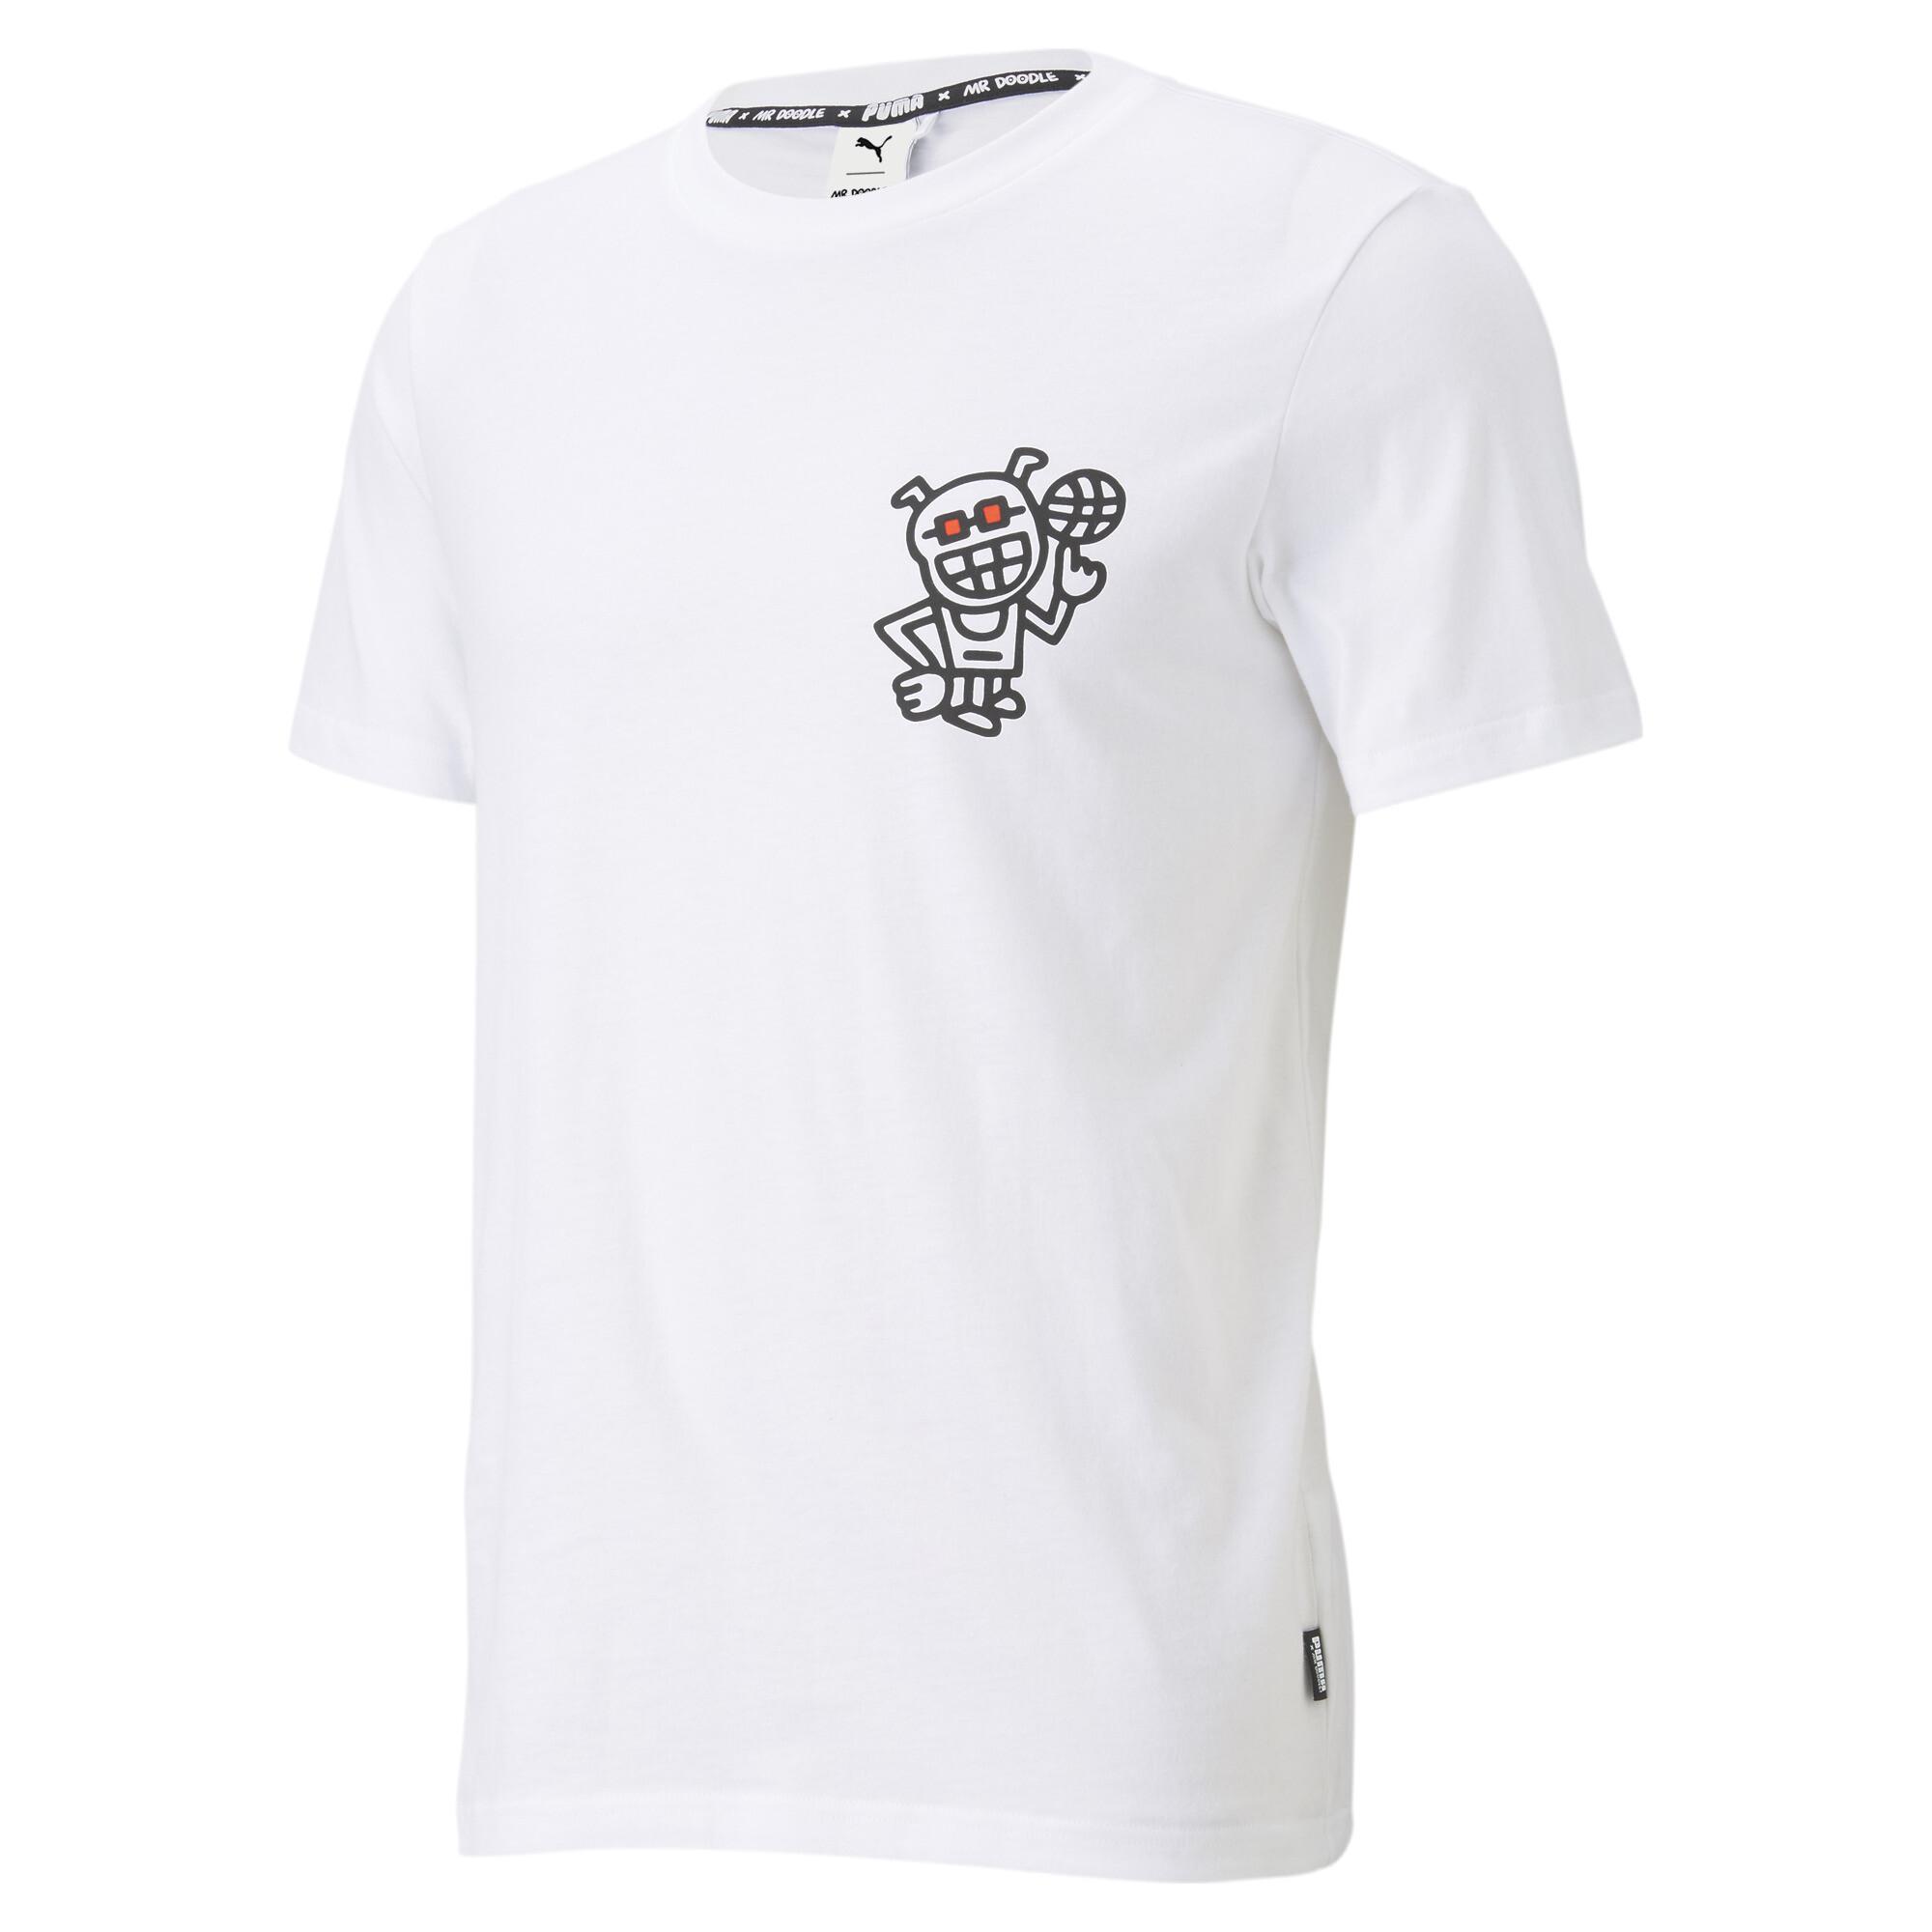 【プーマ公式通販】 プーマ PUMA x MR DOODLE 半袖 Tシャツ メンズ Puma White  PUMA.com